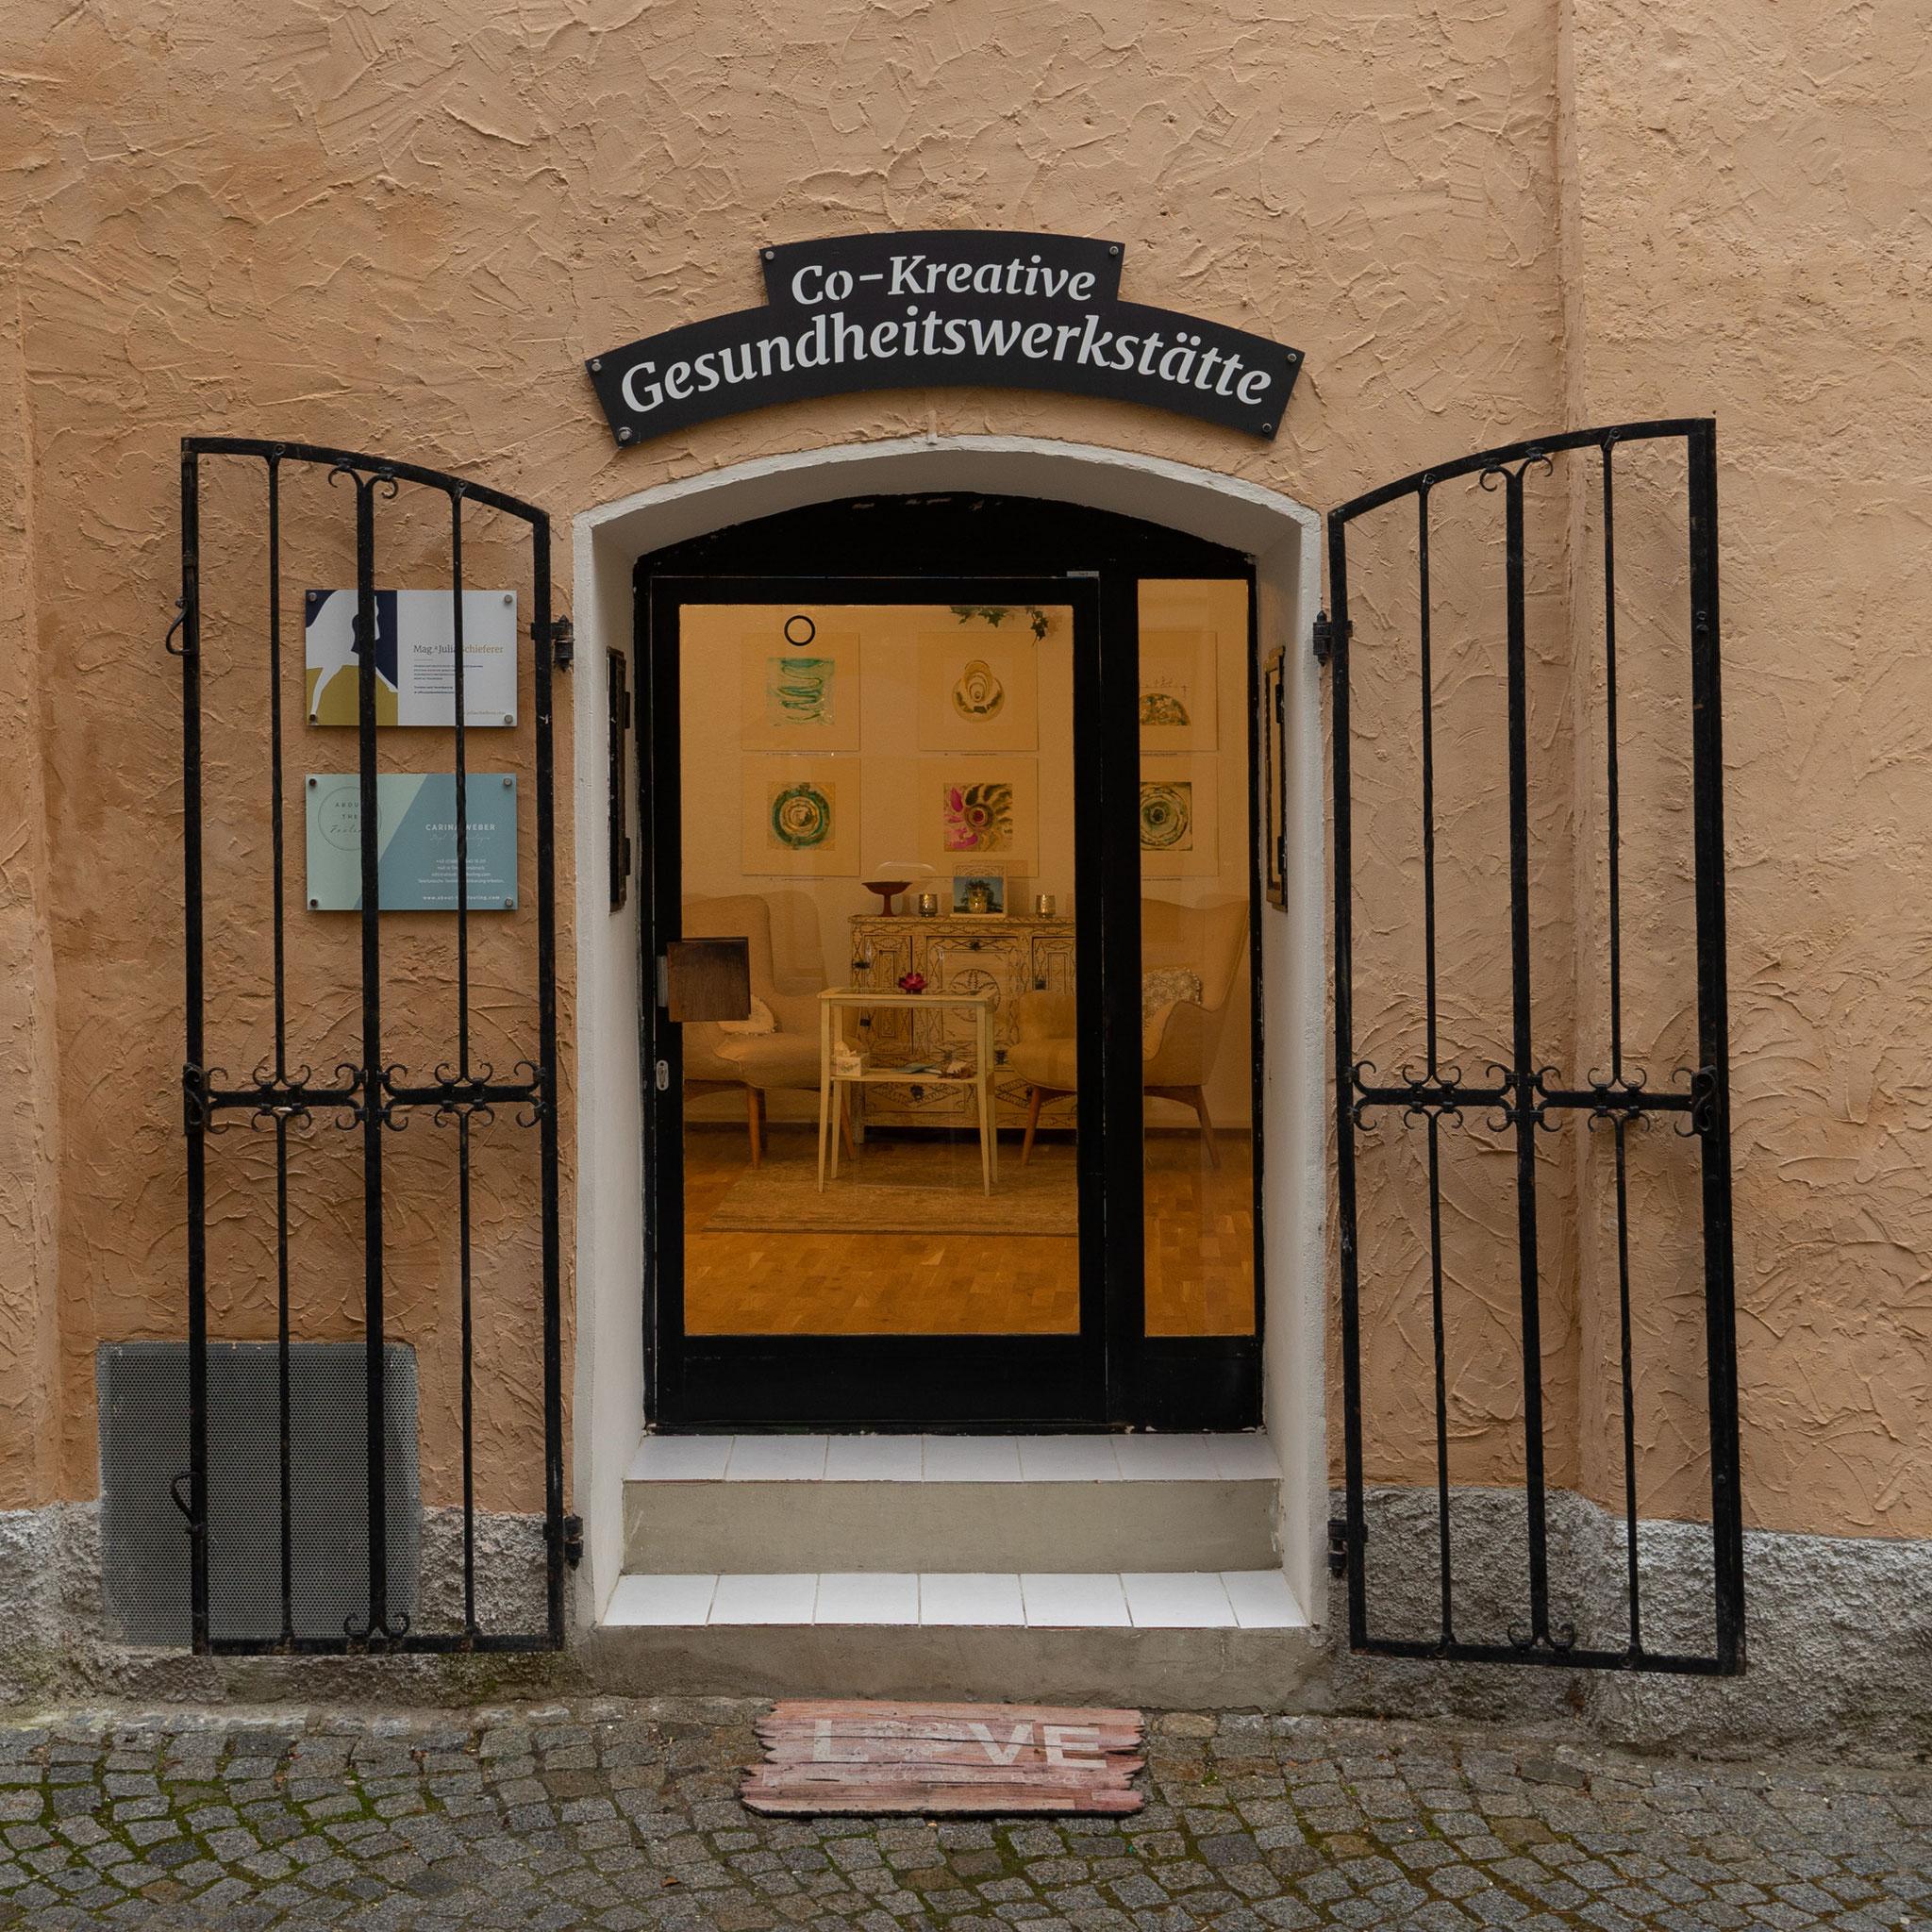 Co-creative Gesundheitswerkstätte Hall in Tirol